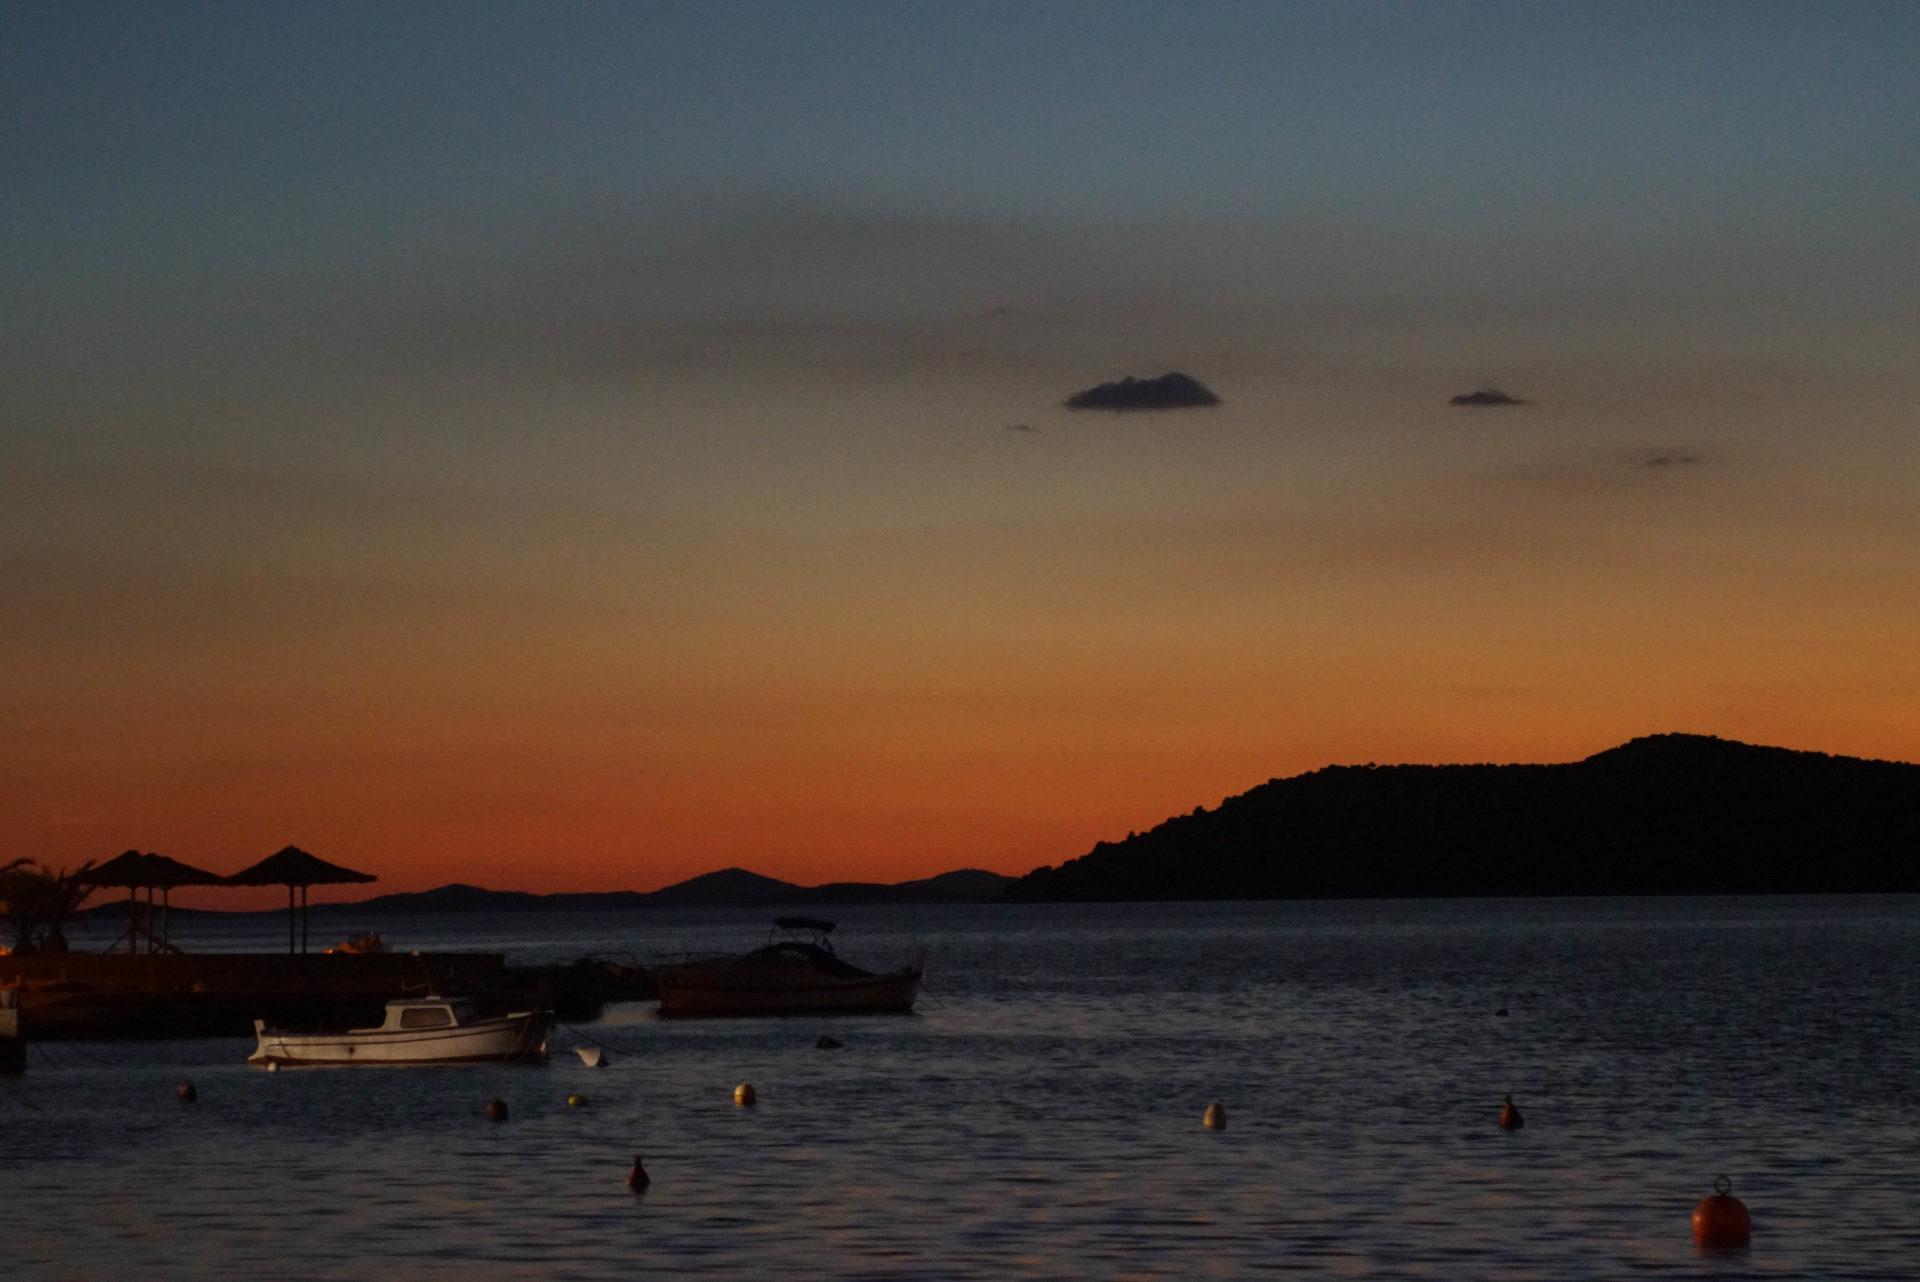 Die Sonne ist untergegangen und der Himmel färbt sich von blau bis tief rot zum Horizont. An der rechten Seite ist ein Berg zu sehe. Im Vordergrund links ist ein Pier mit Sonnenschirmen und zwei Booten zu sehen.